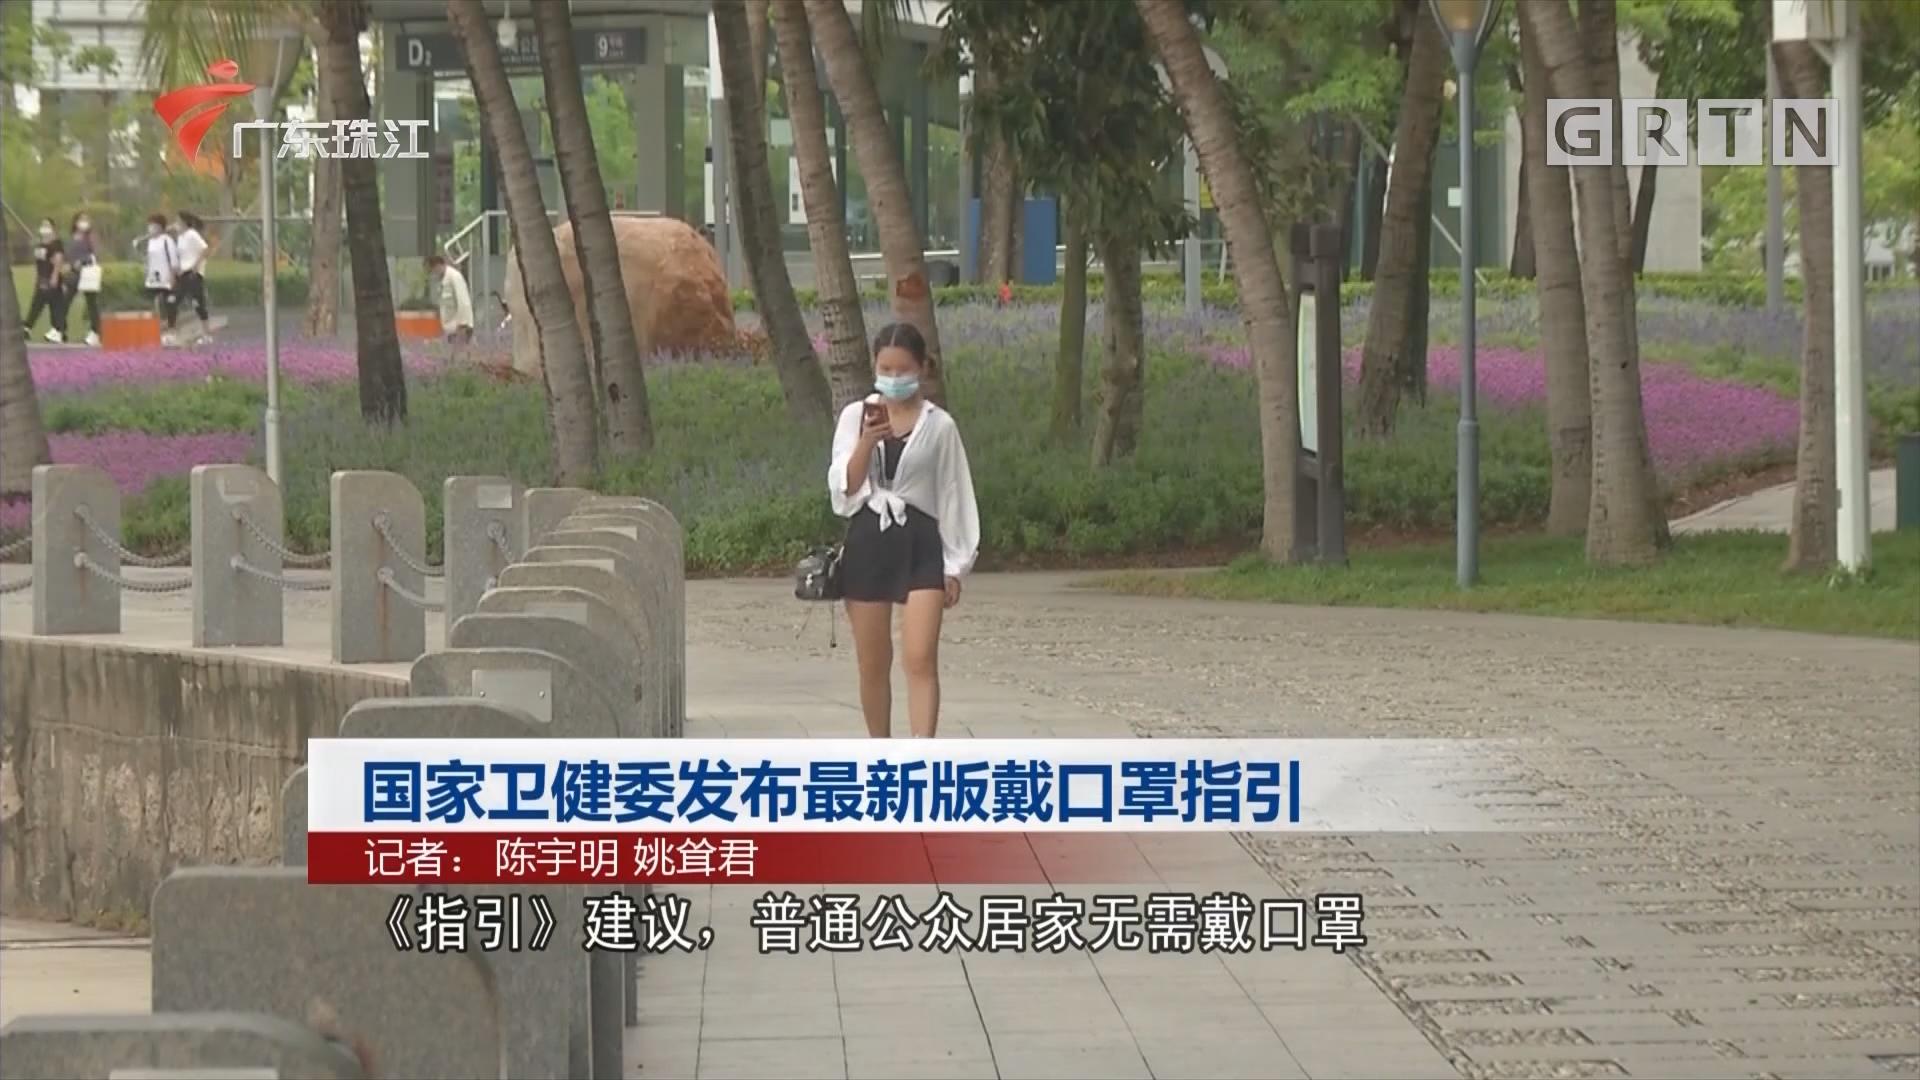 国家卫健委发布最新版戴口罩指引